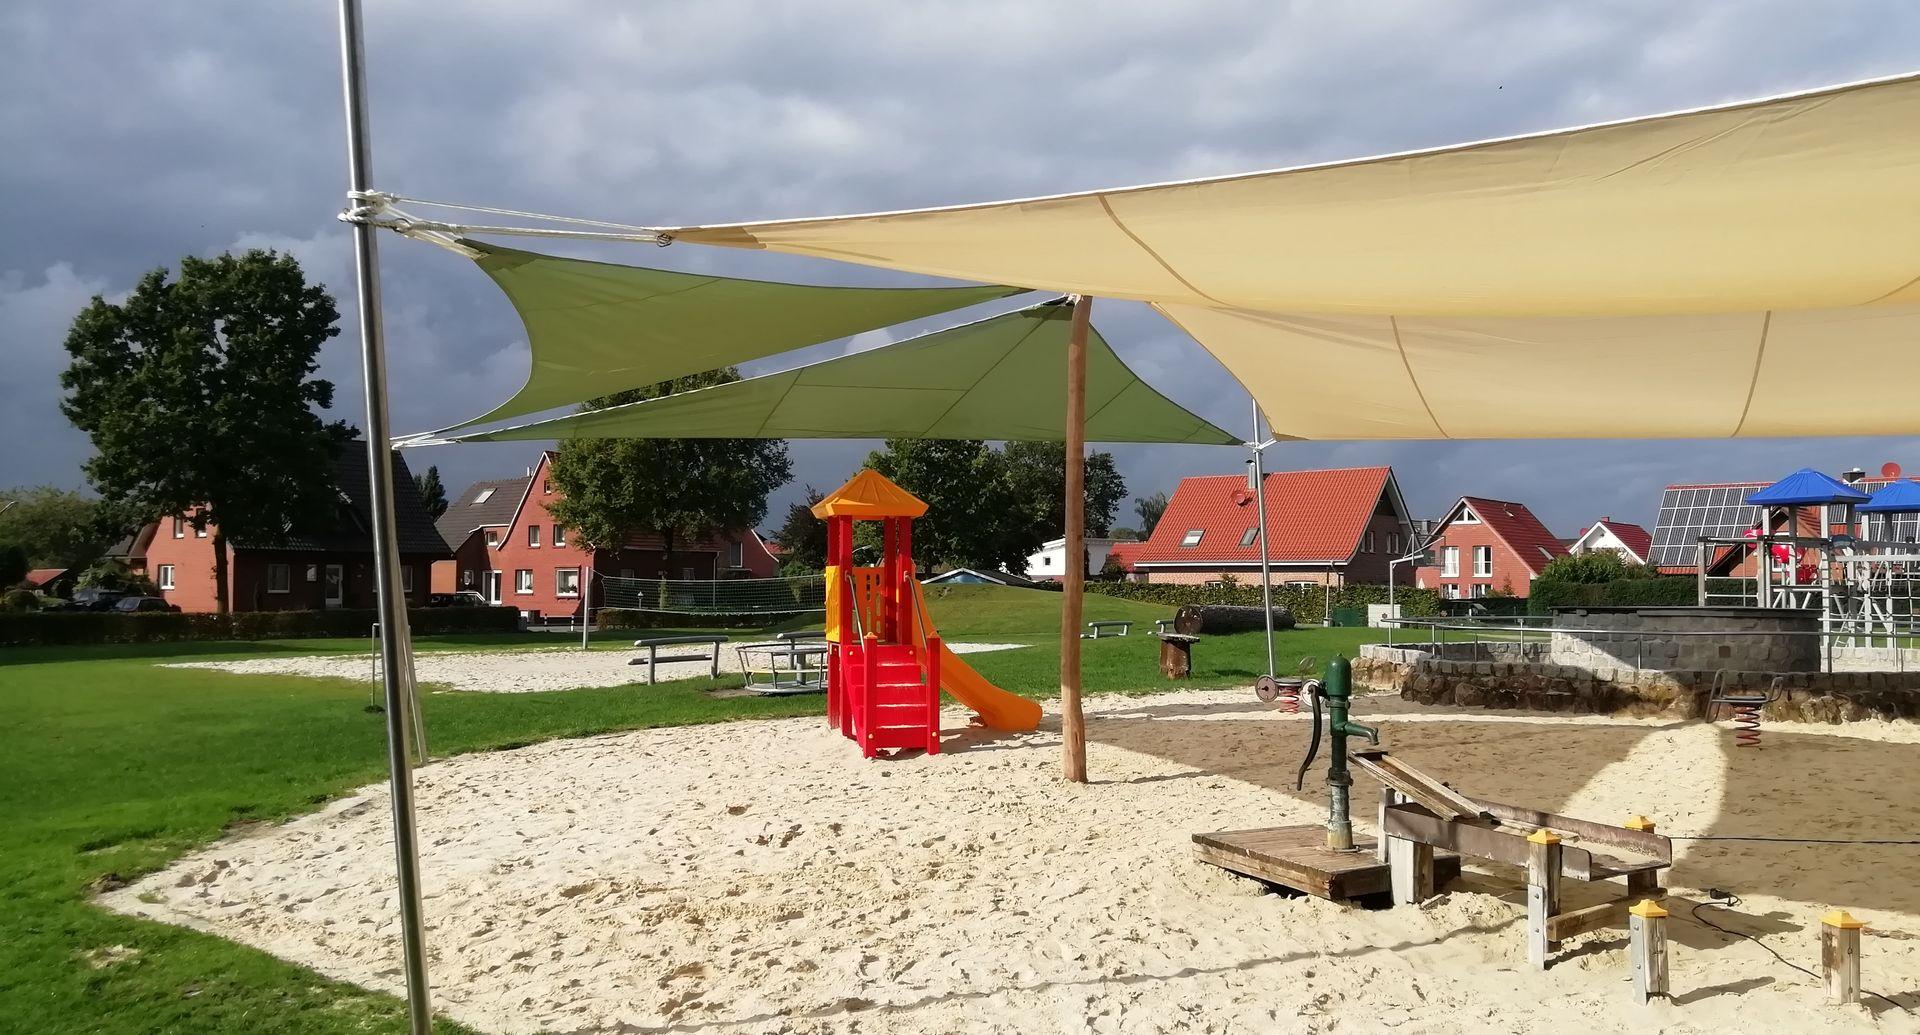 Die neuen Sonnensegel im Generationenpark Holtwick versorgen den Wasserspielplatz mit ausreichend Schatten. Foto: Heimat- und Kulturverein Holtwick e.V.